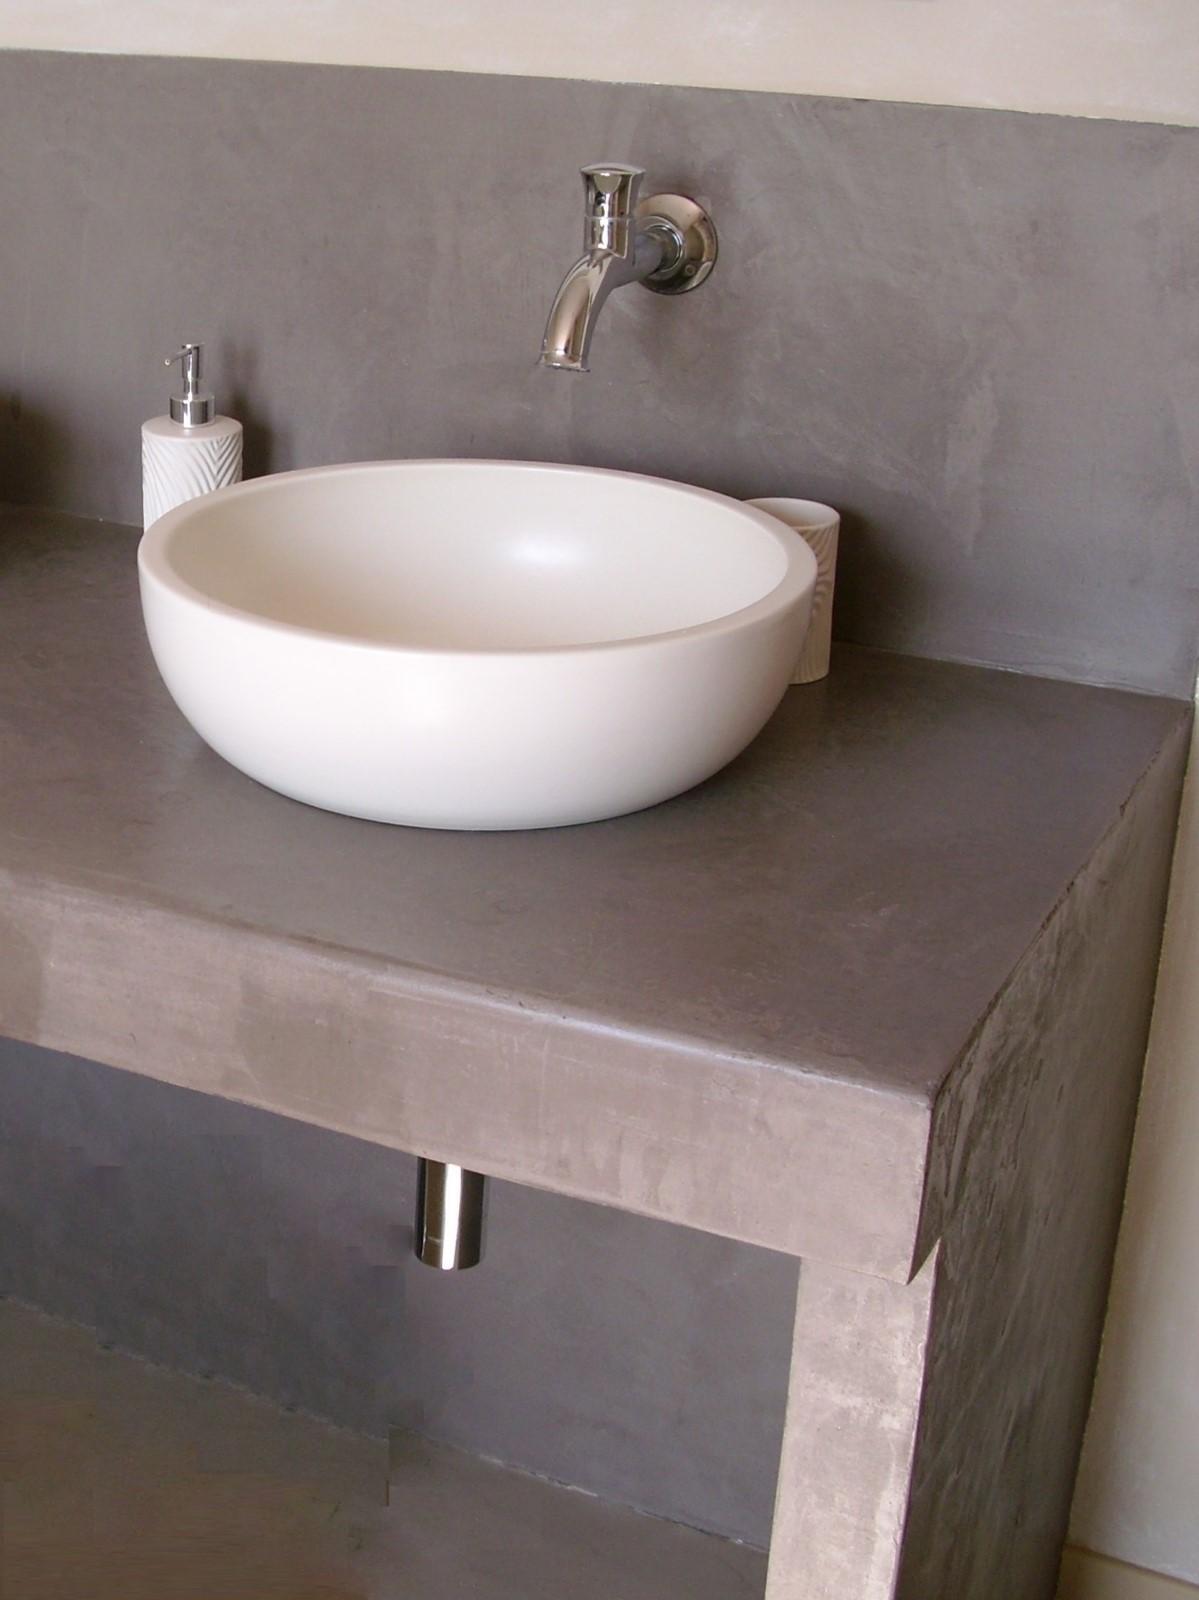 Peindre un plan de travail de salle de bain - livraison-clenbuterol.fr